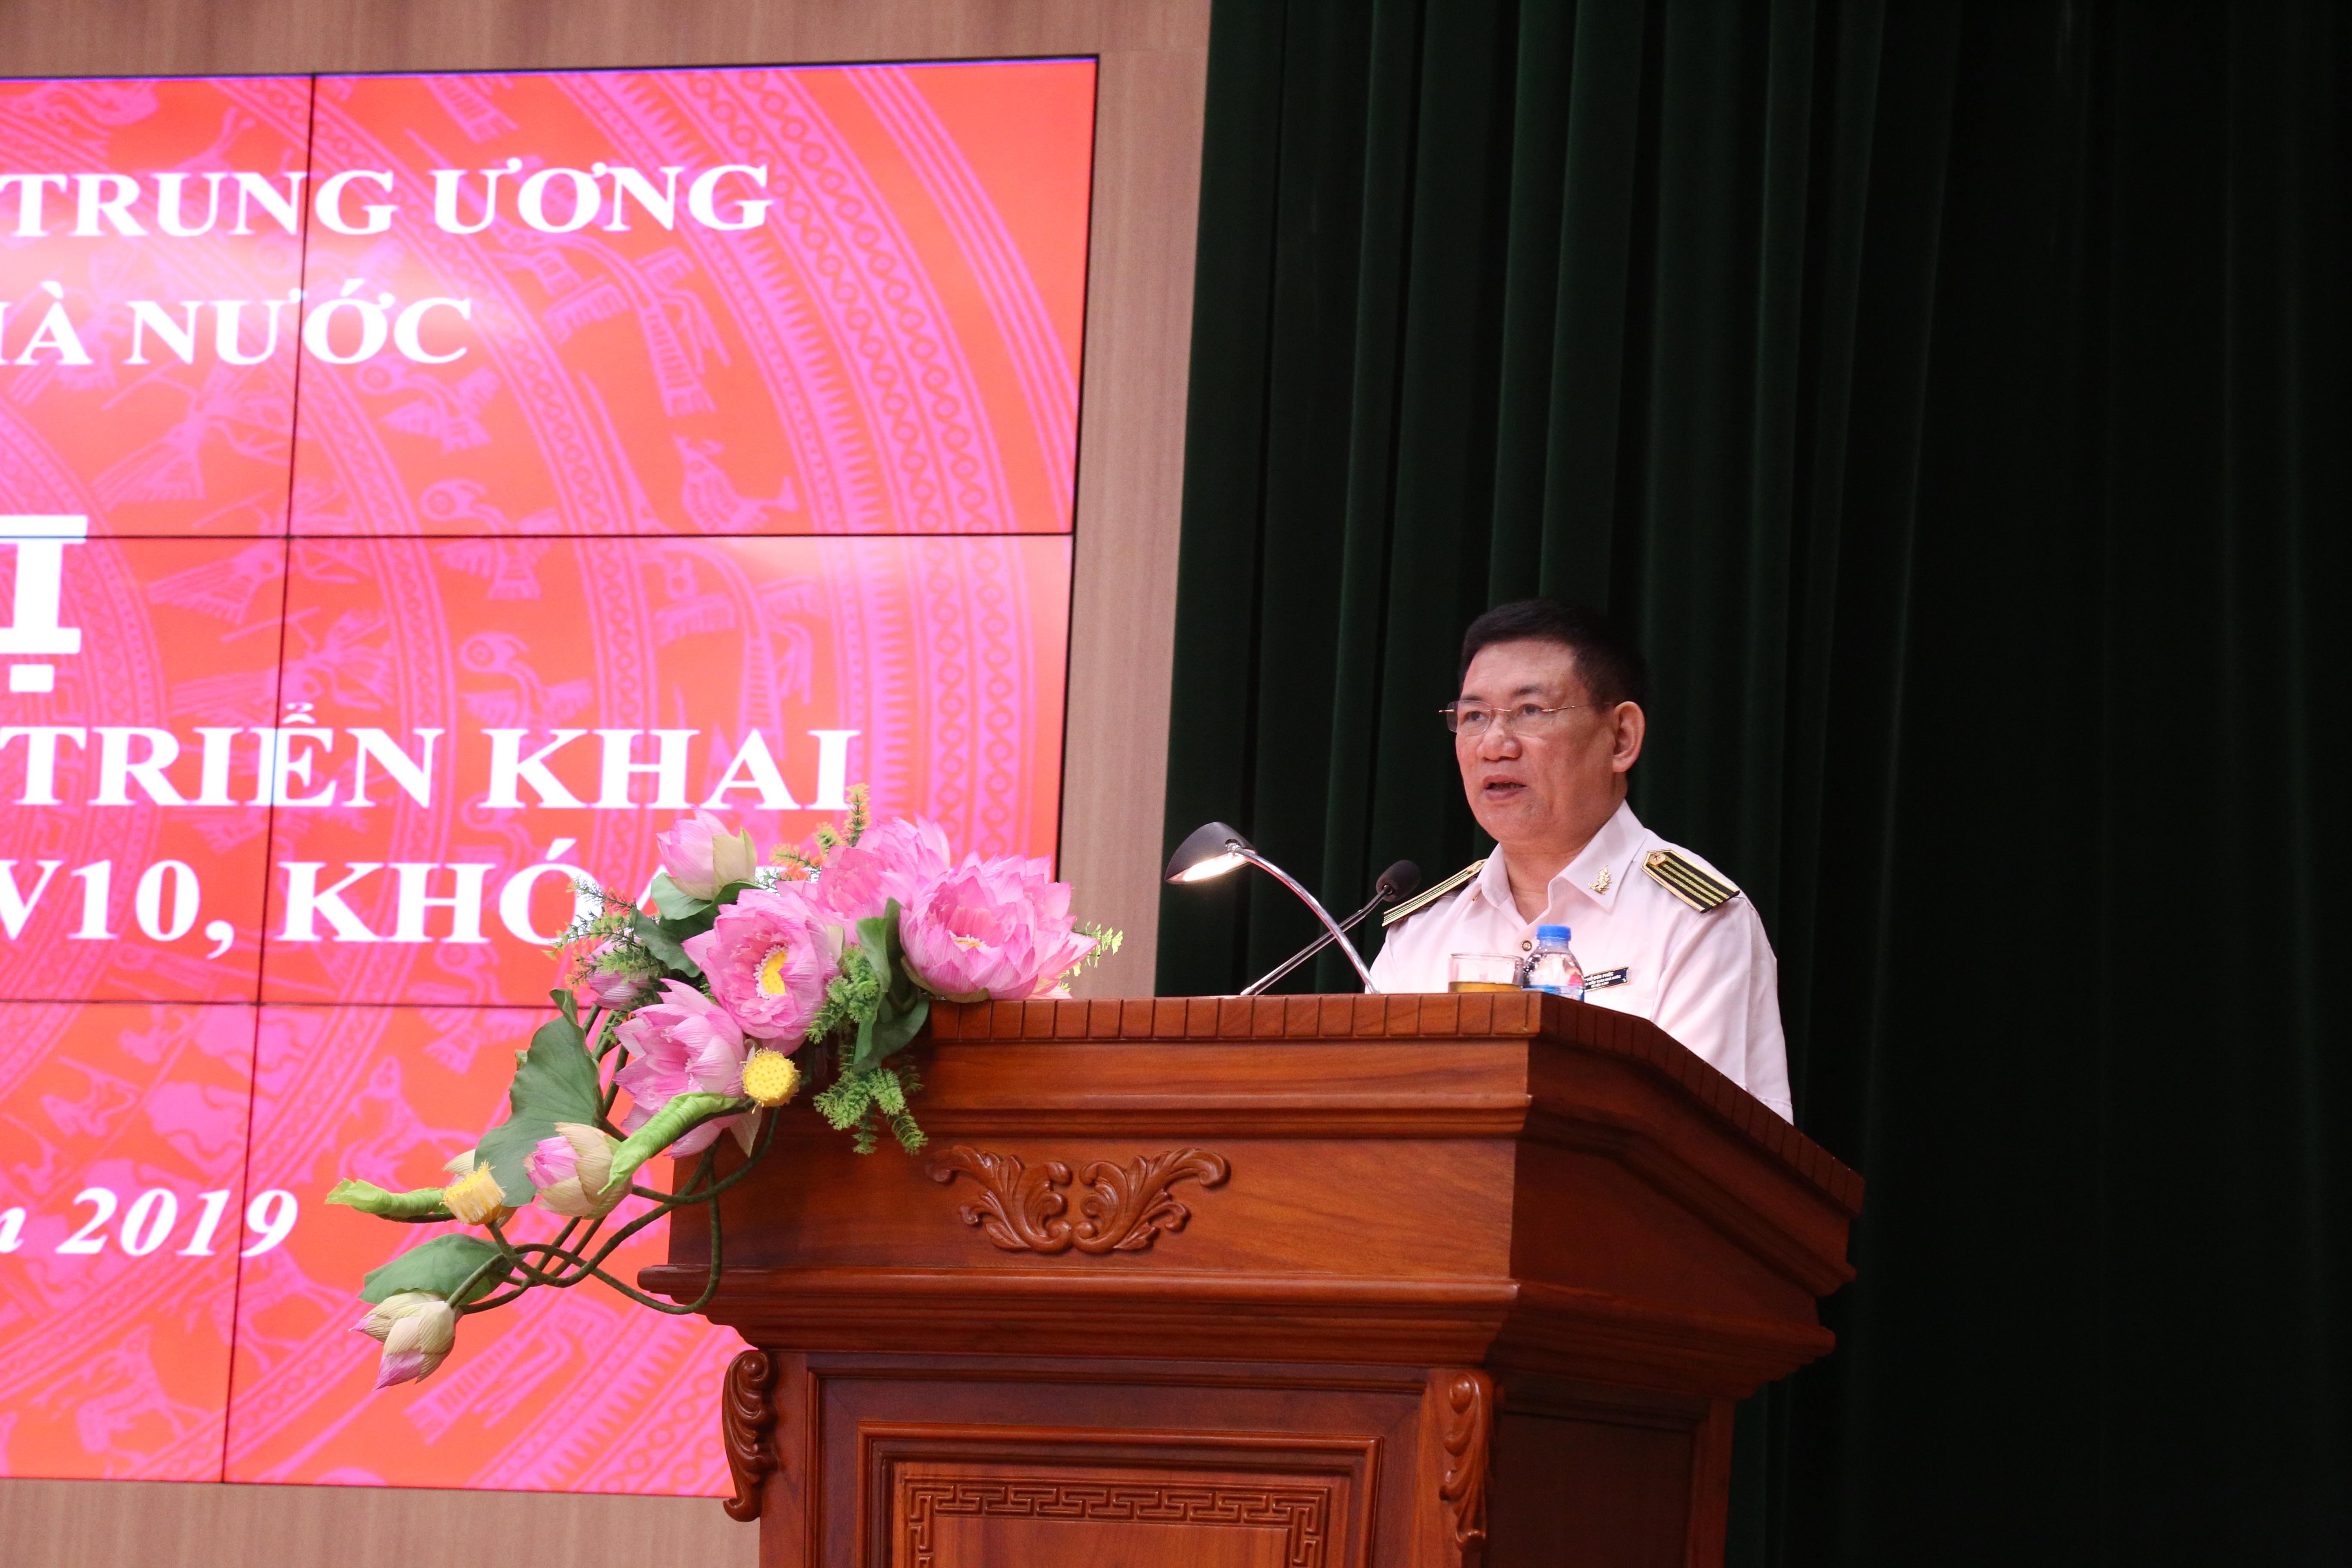 Đảng ủy Kiểm toán nhà nước triển khai  học tập, quán triệt và triển khai thực hiện Nghị quyết Trung ương 10 khóa XII